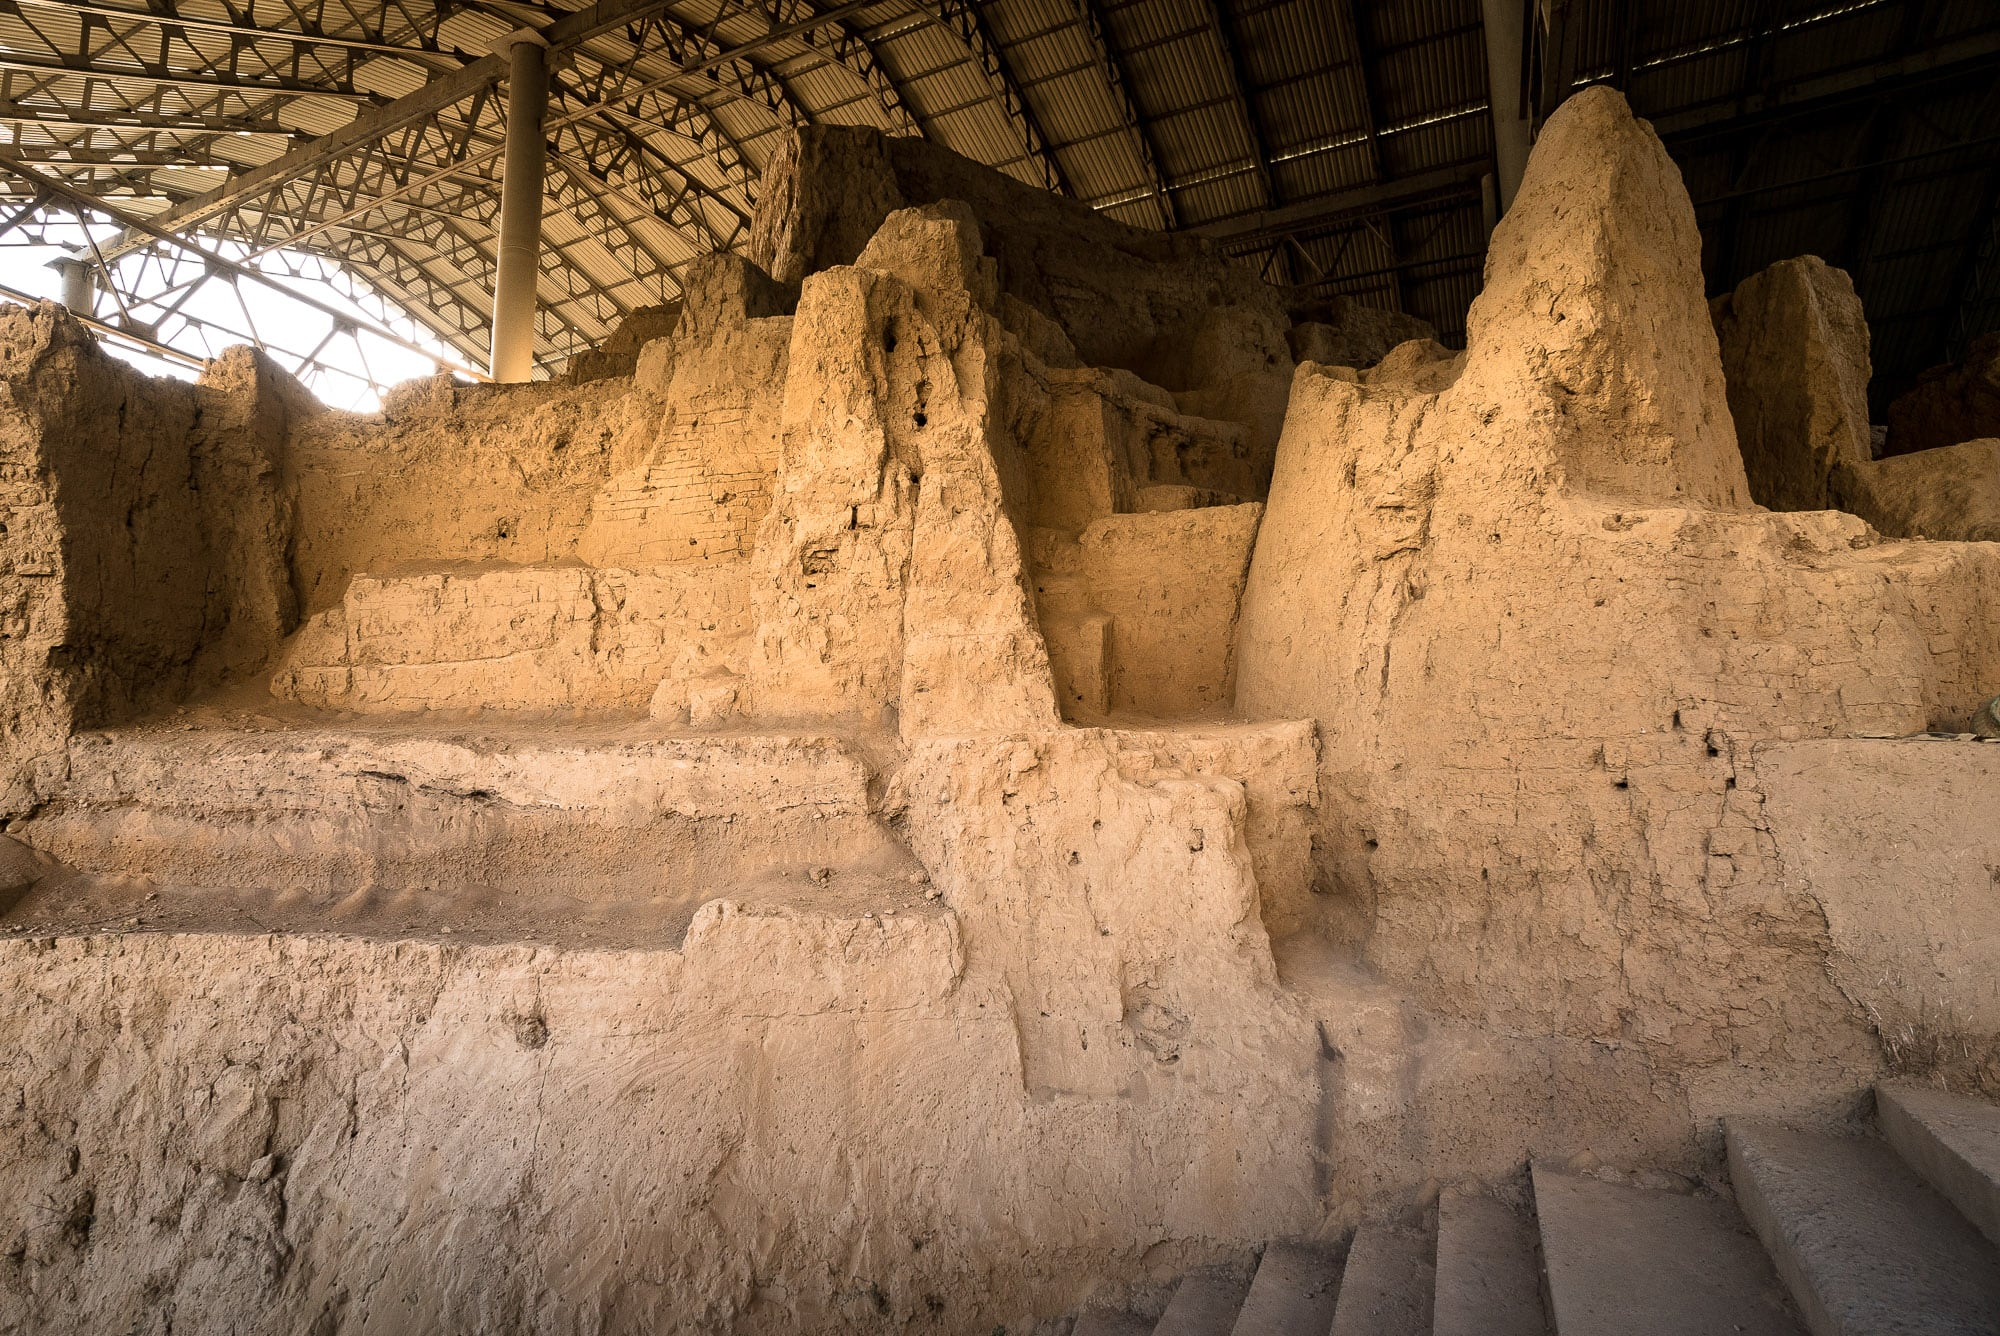 Ming Uruk Zoroastrian site